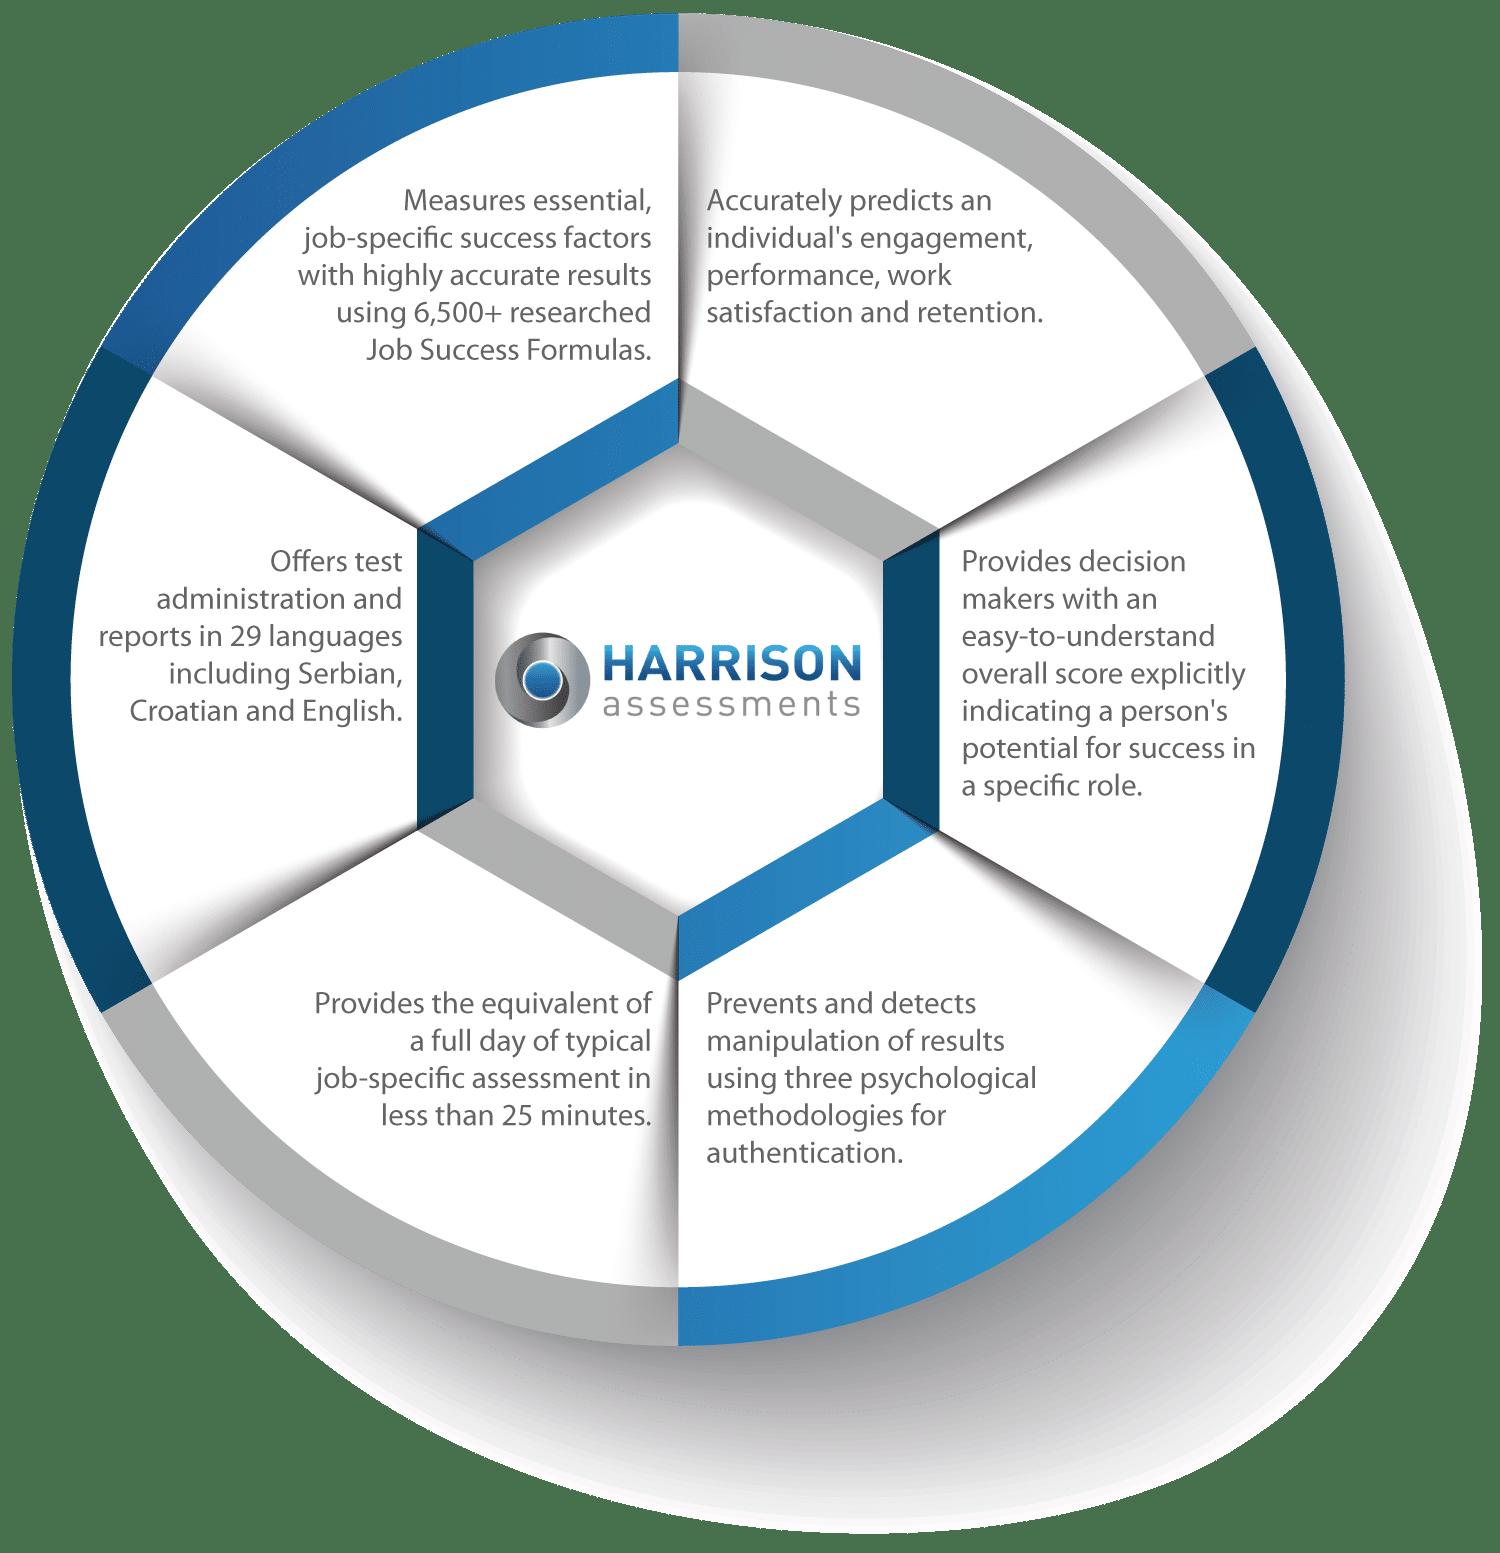 Продвижение нового продукта: Harrison Assessments